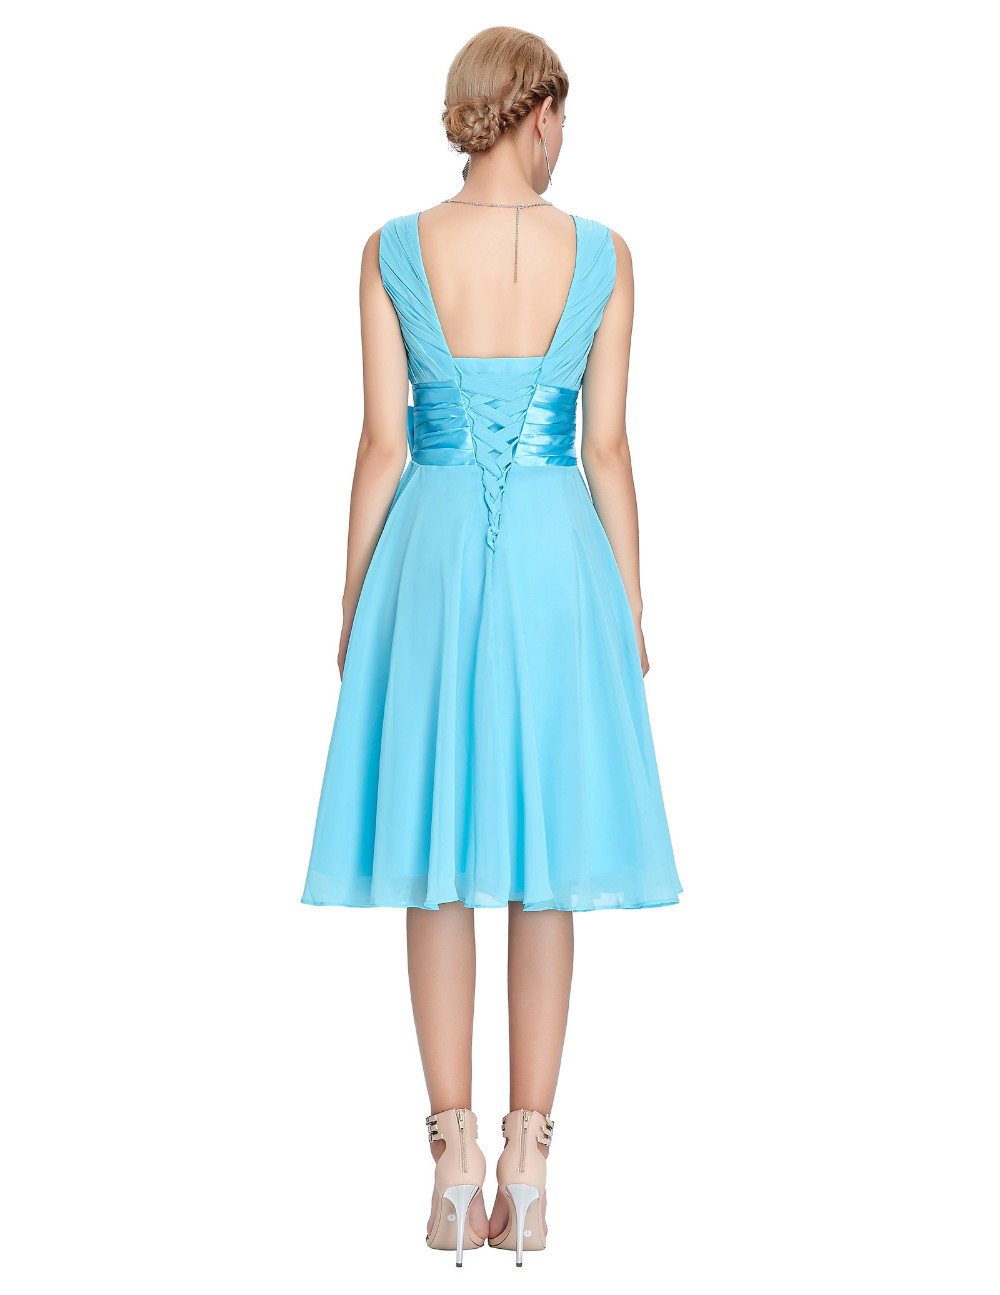 HTB1kKzNMVXXXXbQaXXXq6xXFXXXZKnee Length Short Chiffon Blue Dress